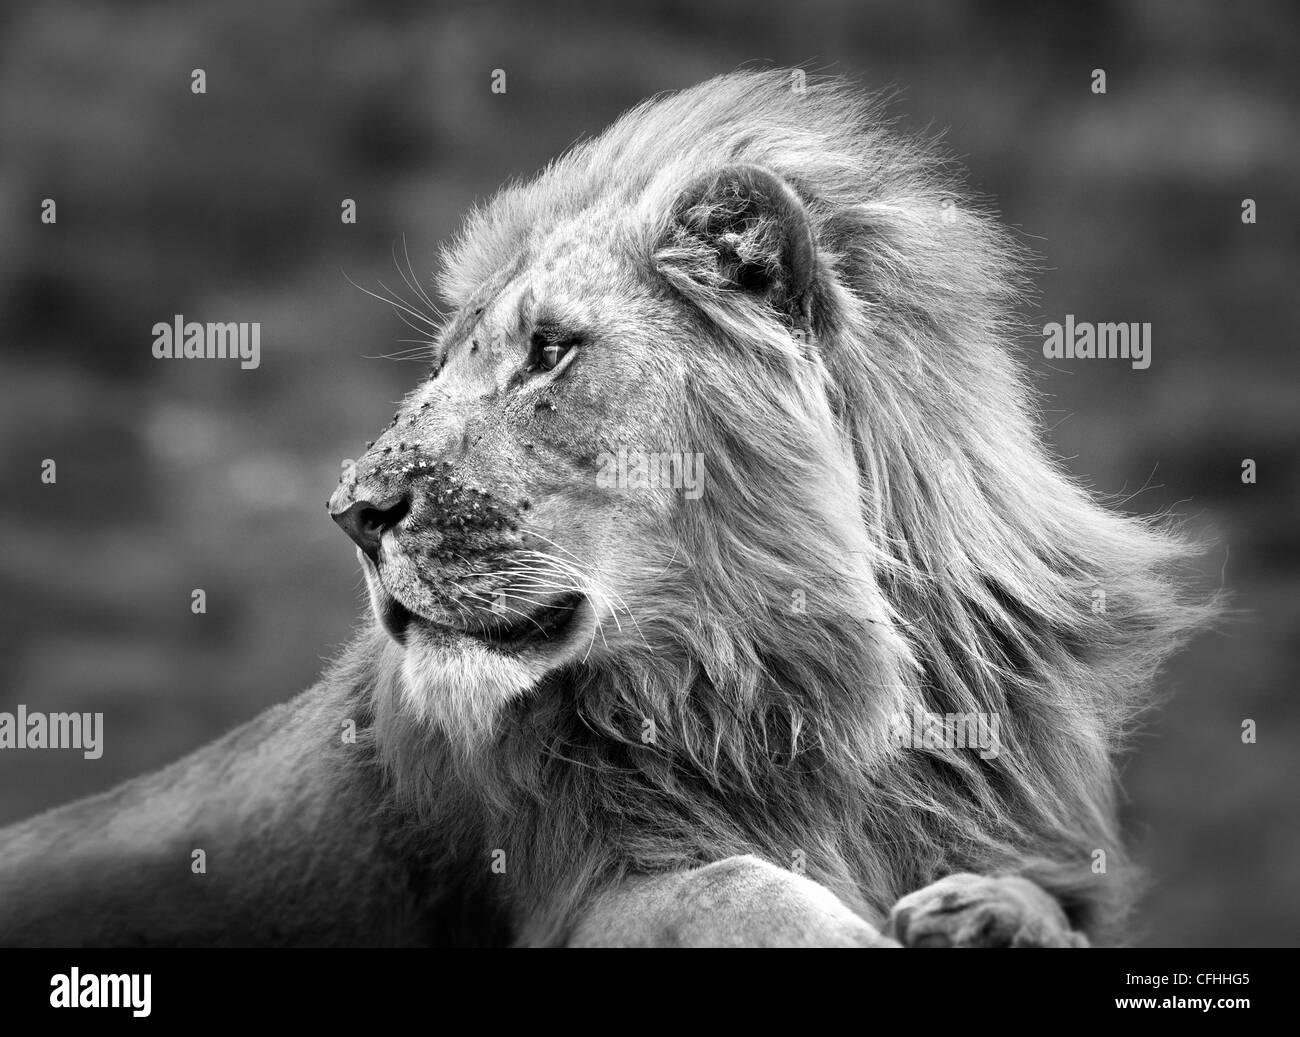 Leone africano ritratto, Sud Africa Immagini Stock